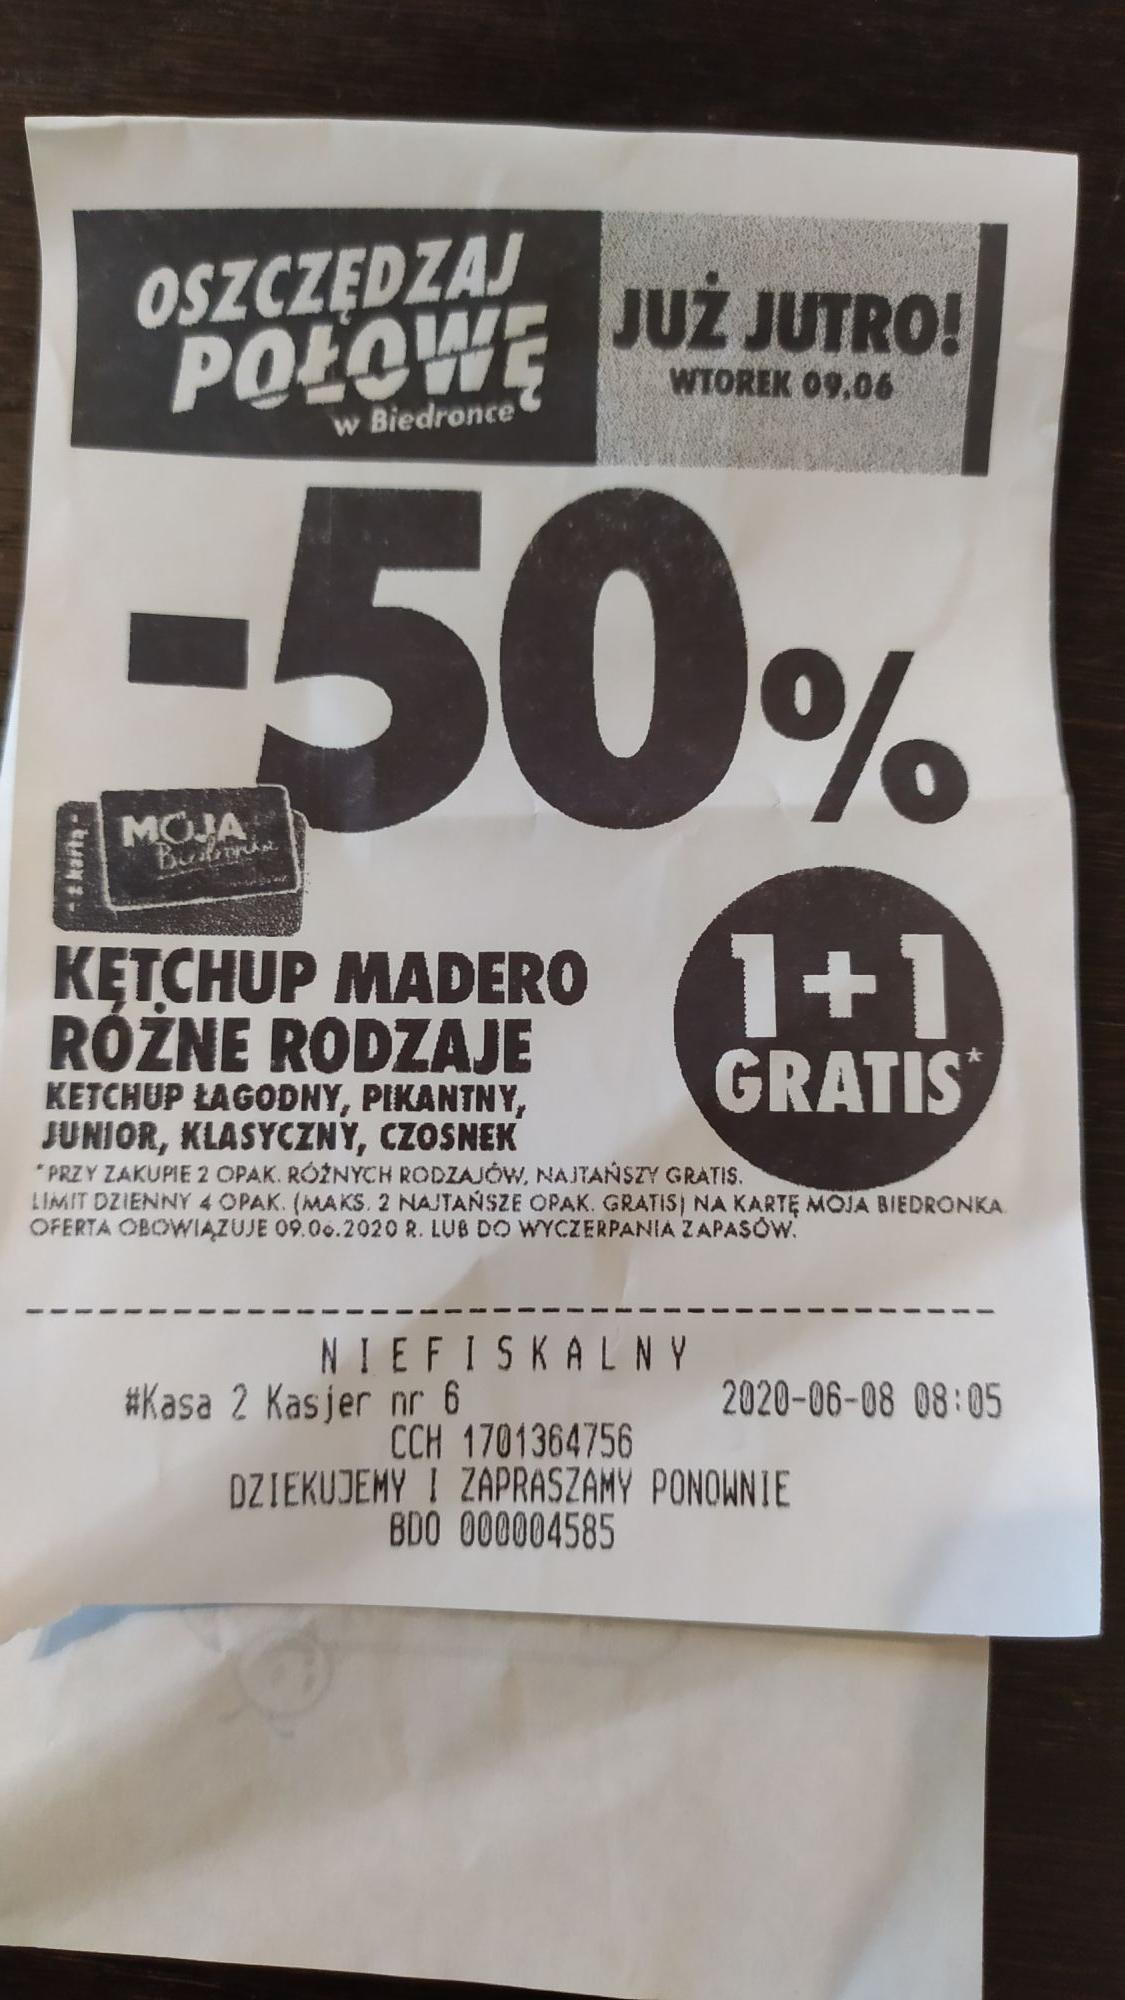 Ketchup Madero Biedronka 1+ 1 gratis